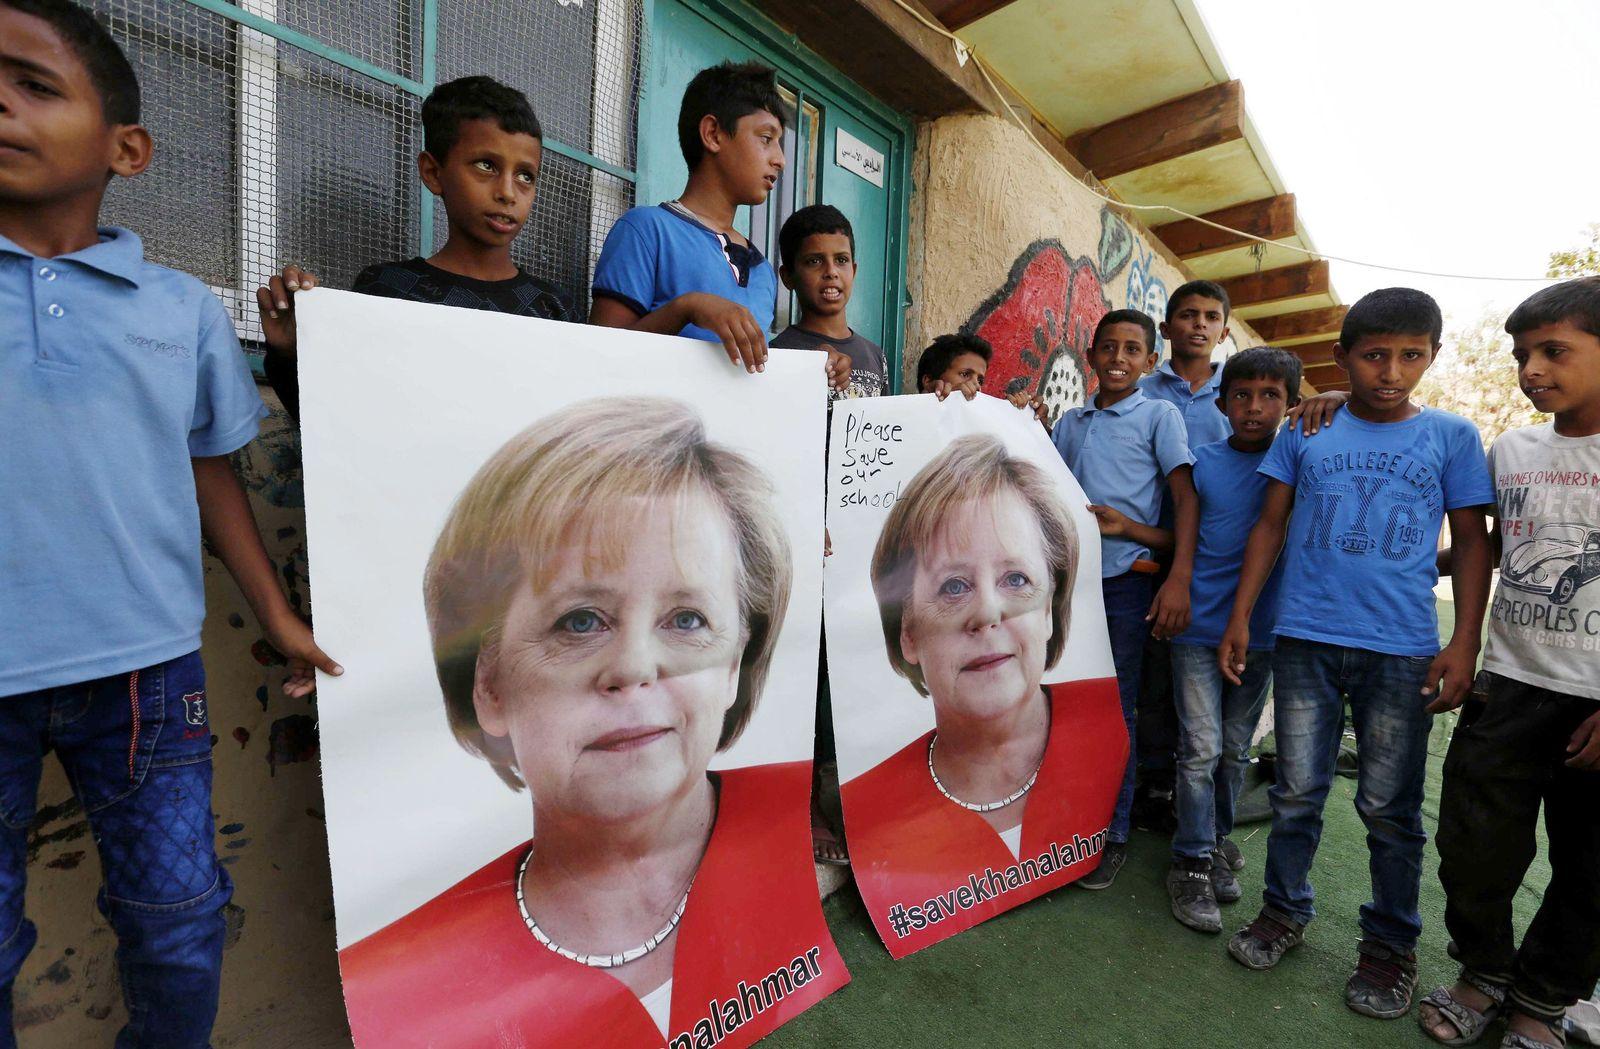 Palästinensische Kinder bitten Merkel um Hilfe